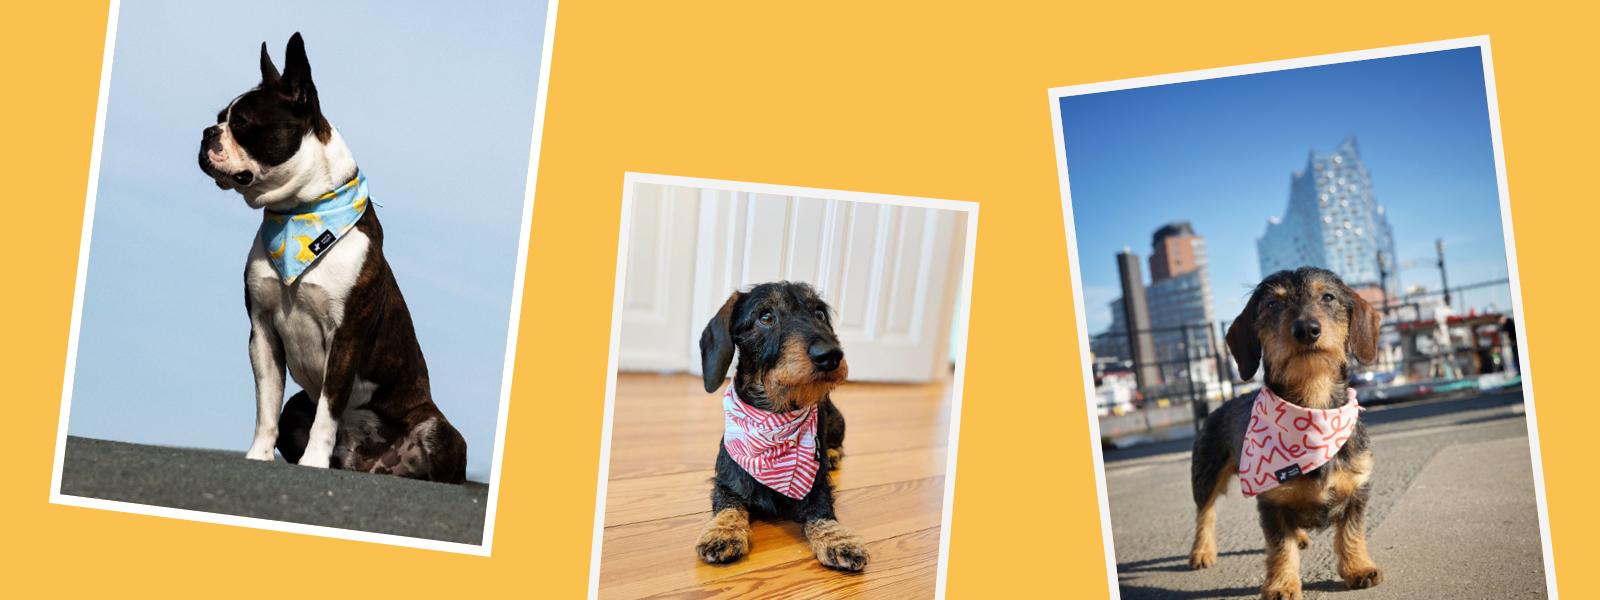 Dekoratives Headerbild zum Thema Hundehalstücher